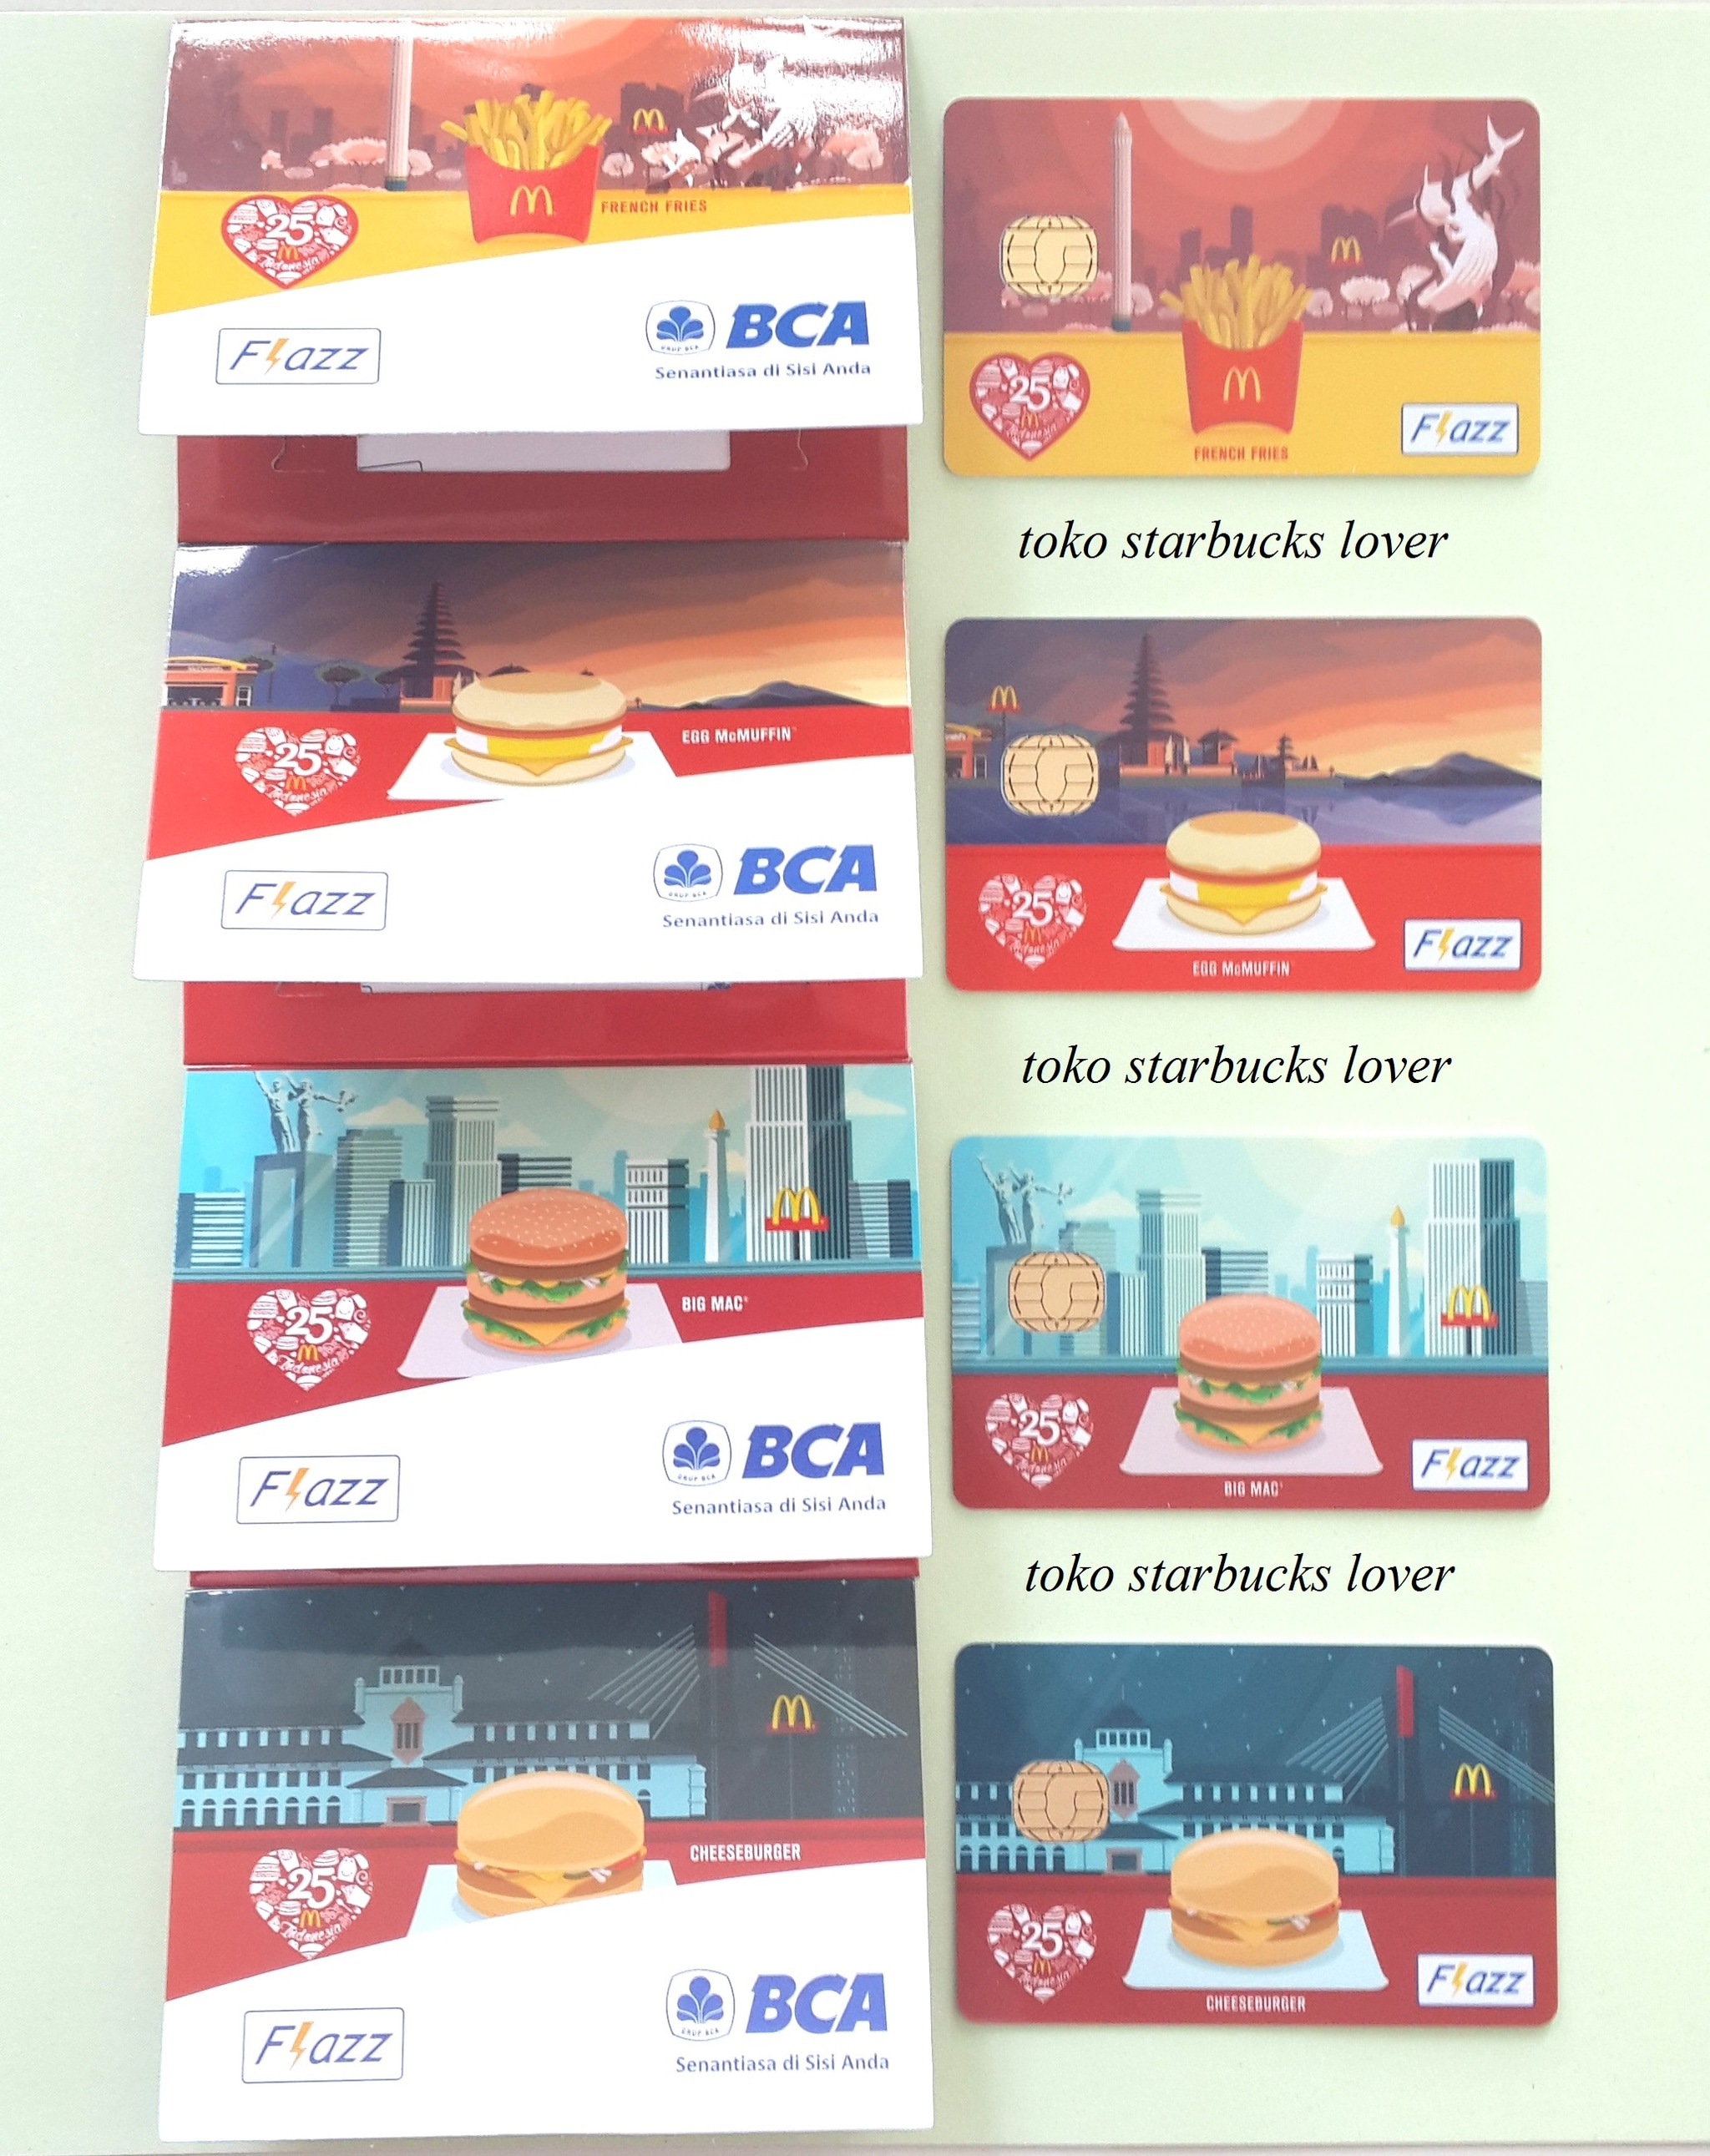 Jual Kartu Flazz Bca Set 4 Edisi Mcdonalds Sby Bali Jkt Dan Bdg Toko Starbucks Lover Tokopedia